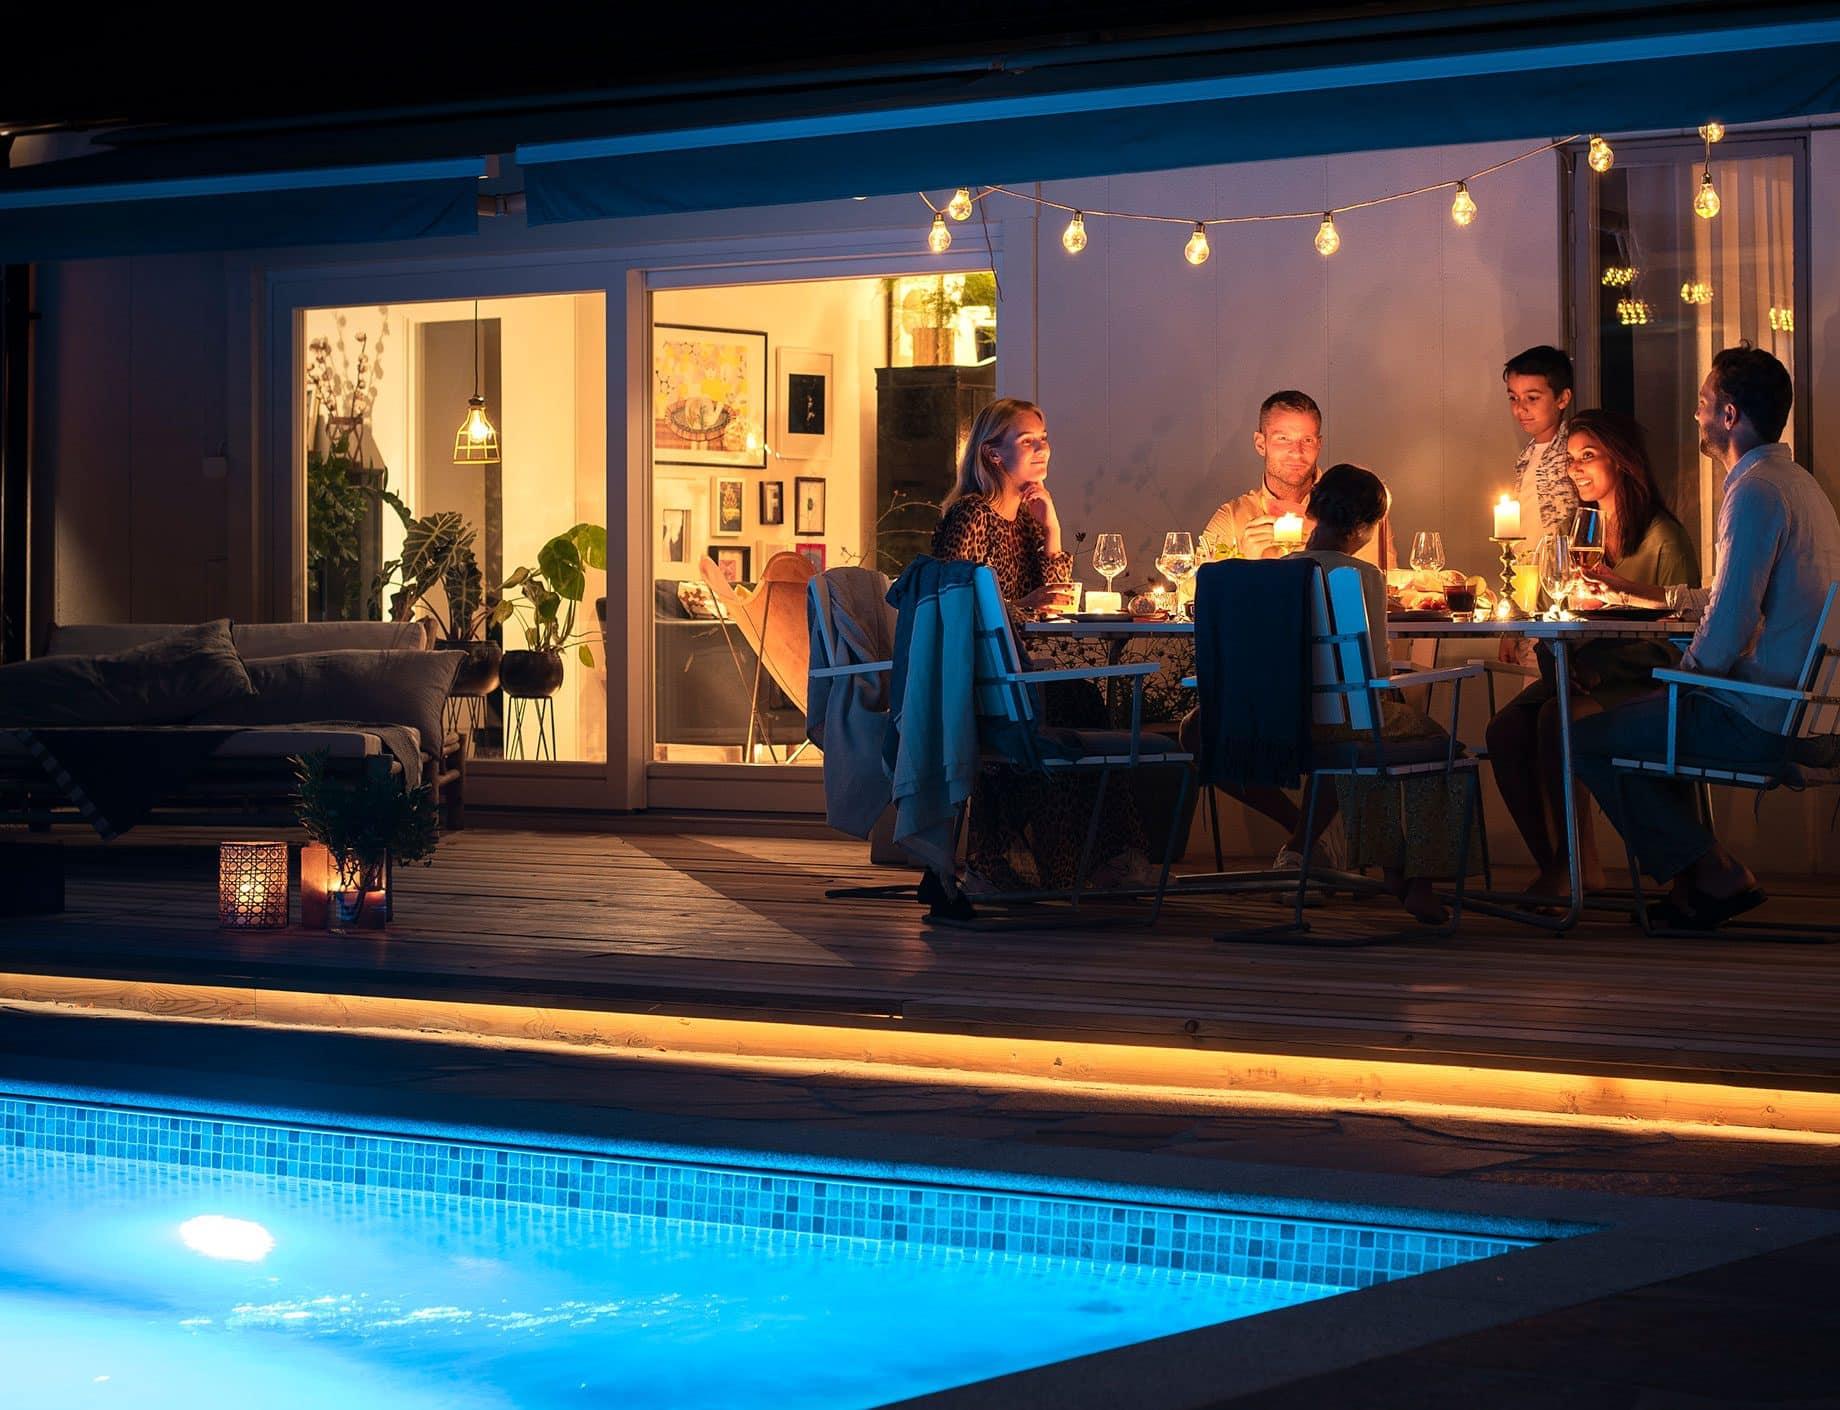 Thermopool, familj äter kvällsmat vid poolen, Pool store